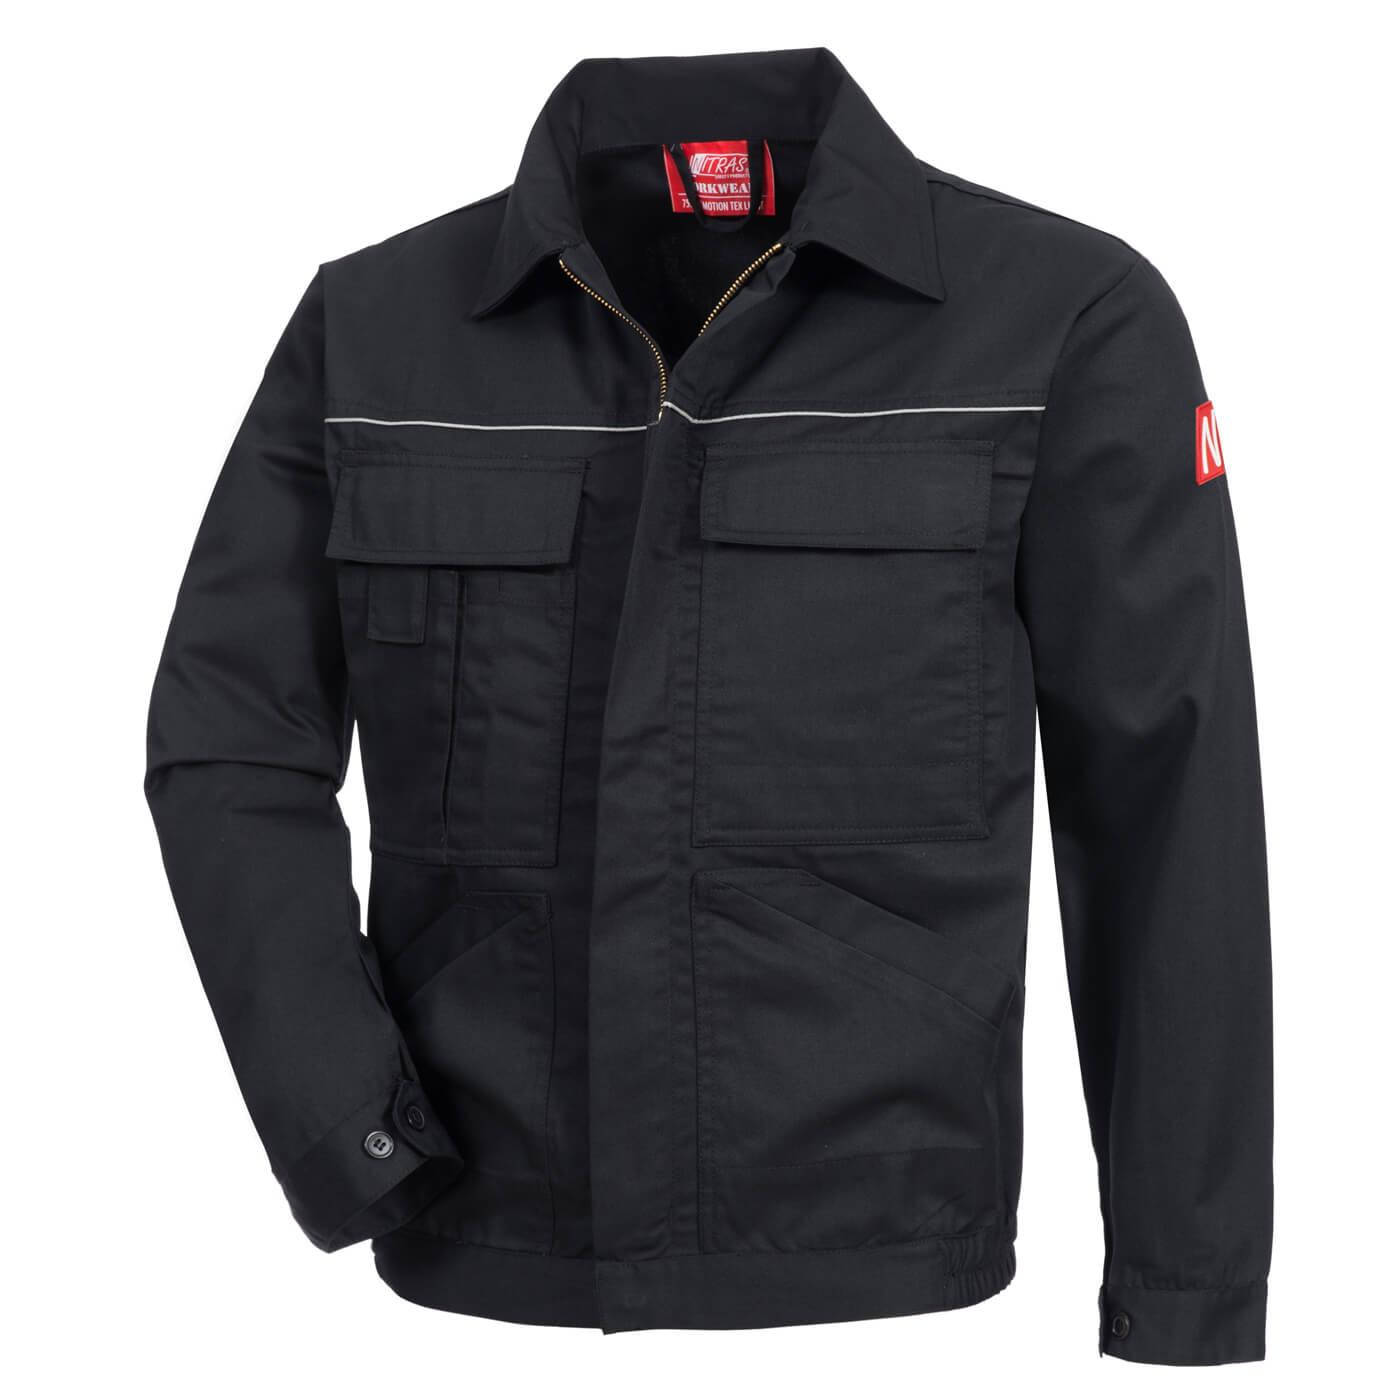 Bluza robocza Nitras 7550